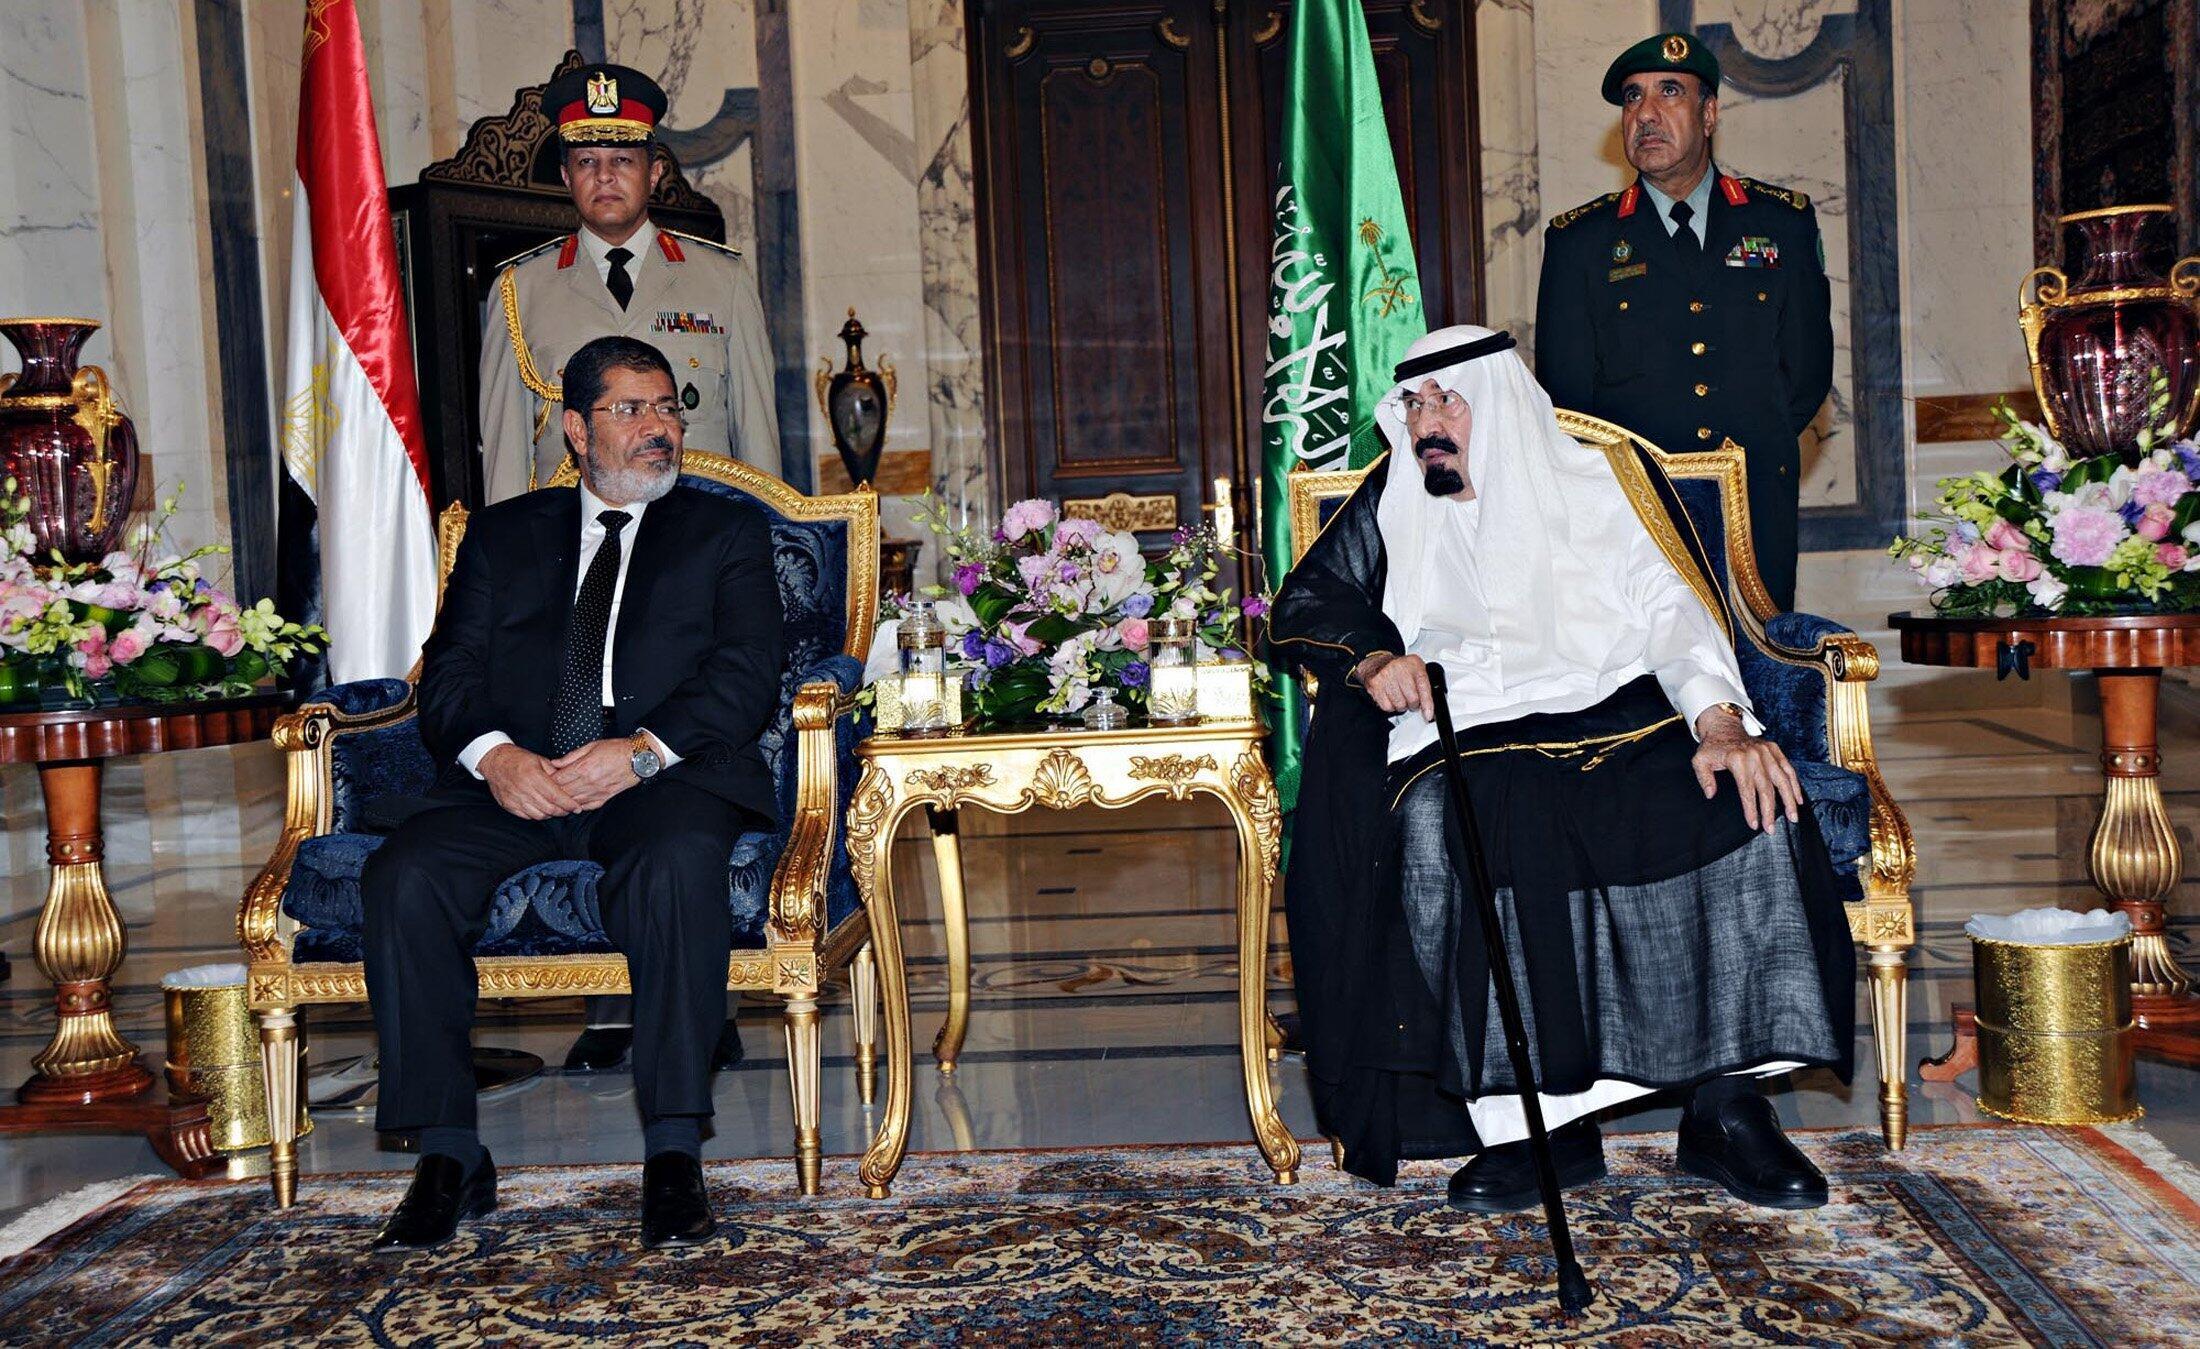 سفر محمد مرسی، به عربستان سعودی و دیدارش با ملک عبدالله- پادشاه عربستان سعودی. چهار شنبه تیرماه/ ١١ ژوئیه ٢٠١٢